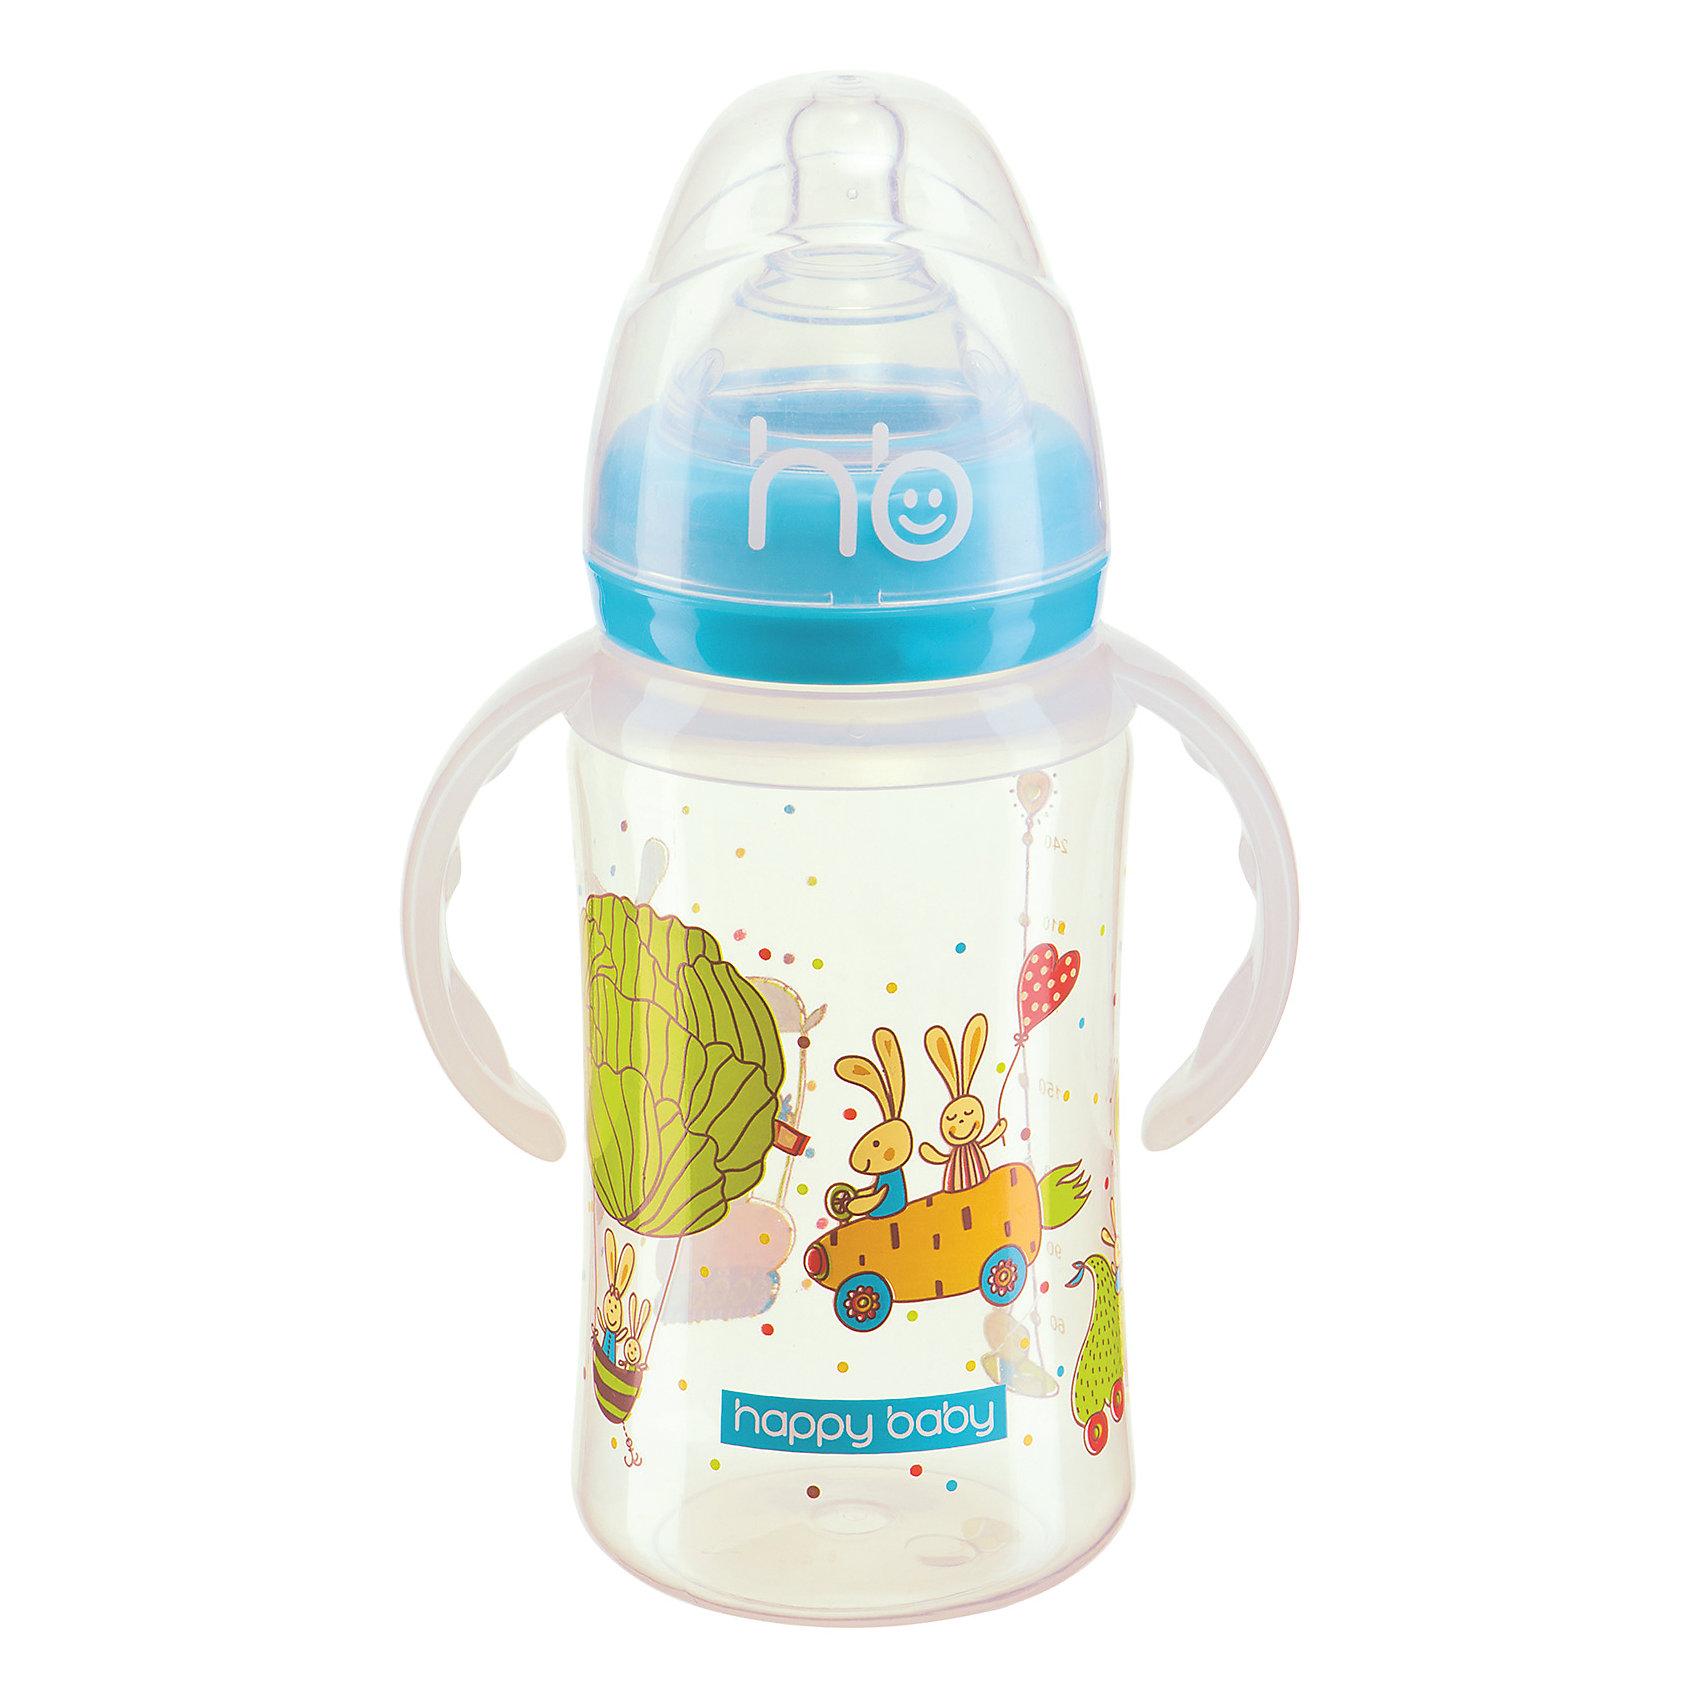 Бутылочка для кормления с ручками, 240 мл, Happy Baby, голубой210 - 281 мл.<br>Бутылочка для кормления с ручками, 240 мл, Happy Baby<br>Бутылочка с широким горлом. Гирька-трубочка делает питьё жидкости удобнее для ребёнка. Трубочка, утяжелённая снизу, обеспечивает устойчивый поток даже при небольшом количестве жидкости в бутылке. Также сокращается угол наклона бутылки при кормлении. Трубочка предотвращает заглатывание ребёнком лишнего количества воздуха, что может послужить причиной колик, газов, срыгиваний, плохого настроения ребёнка. Эргономичные ручки легко снимаются. С помощью ёршика легко очистить бутылку в труднодоступных местах. Красочные рисунки порадуют вашего малыша.<br><br>Дополнительная информация:<br><br>- В комплекте: бутылочка, ершик, 2 соски, гирька-трубочка<br>- Объем: 240 мл.<br>- Возраст: 0+<br>- Шкала с делениями в 30 мл.<br>- Материал: полипропилен, силикон<br>- Цвет: голубой<br>- Можно использовать в микроволновой печи, но разогревать в СВЧ-печи без соски<br>- Можно мыть в посудомоечной машине<br><br>Бутылочку для кормления с ручками, 240 мл, Happy Baby можно купить в нашем интернет-магазине.<br><br>Ширина мм: 180<br>Глубина мм: 80<br>Высота мм: 75<br>Вес г: 70<br>Возраст от месяцев: 0<br>Возраст до месяцев: 36<br>Пол: Мужской<br>Возраст: Детский<br>SKU: 4047243